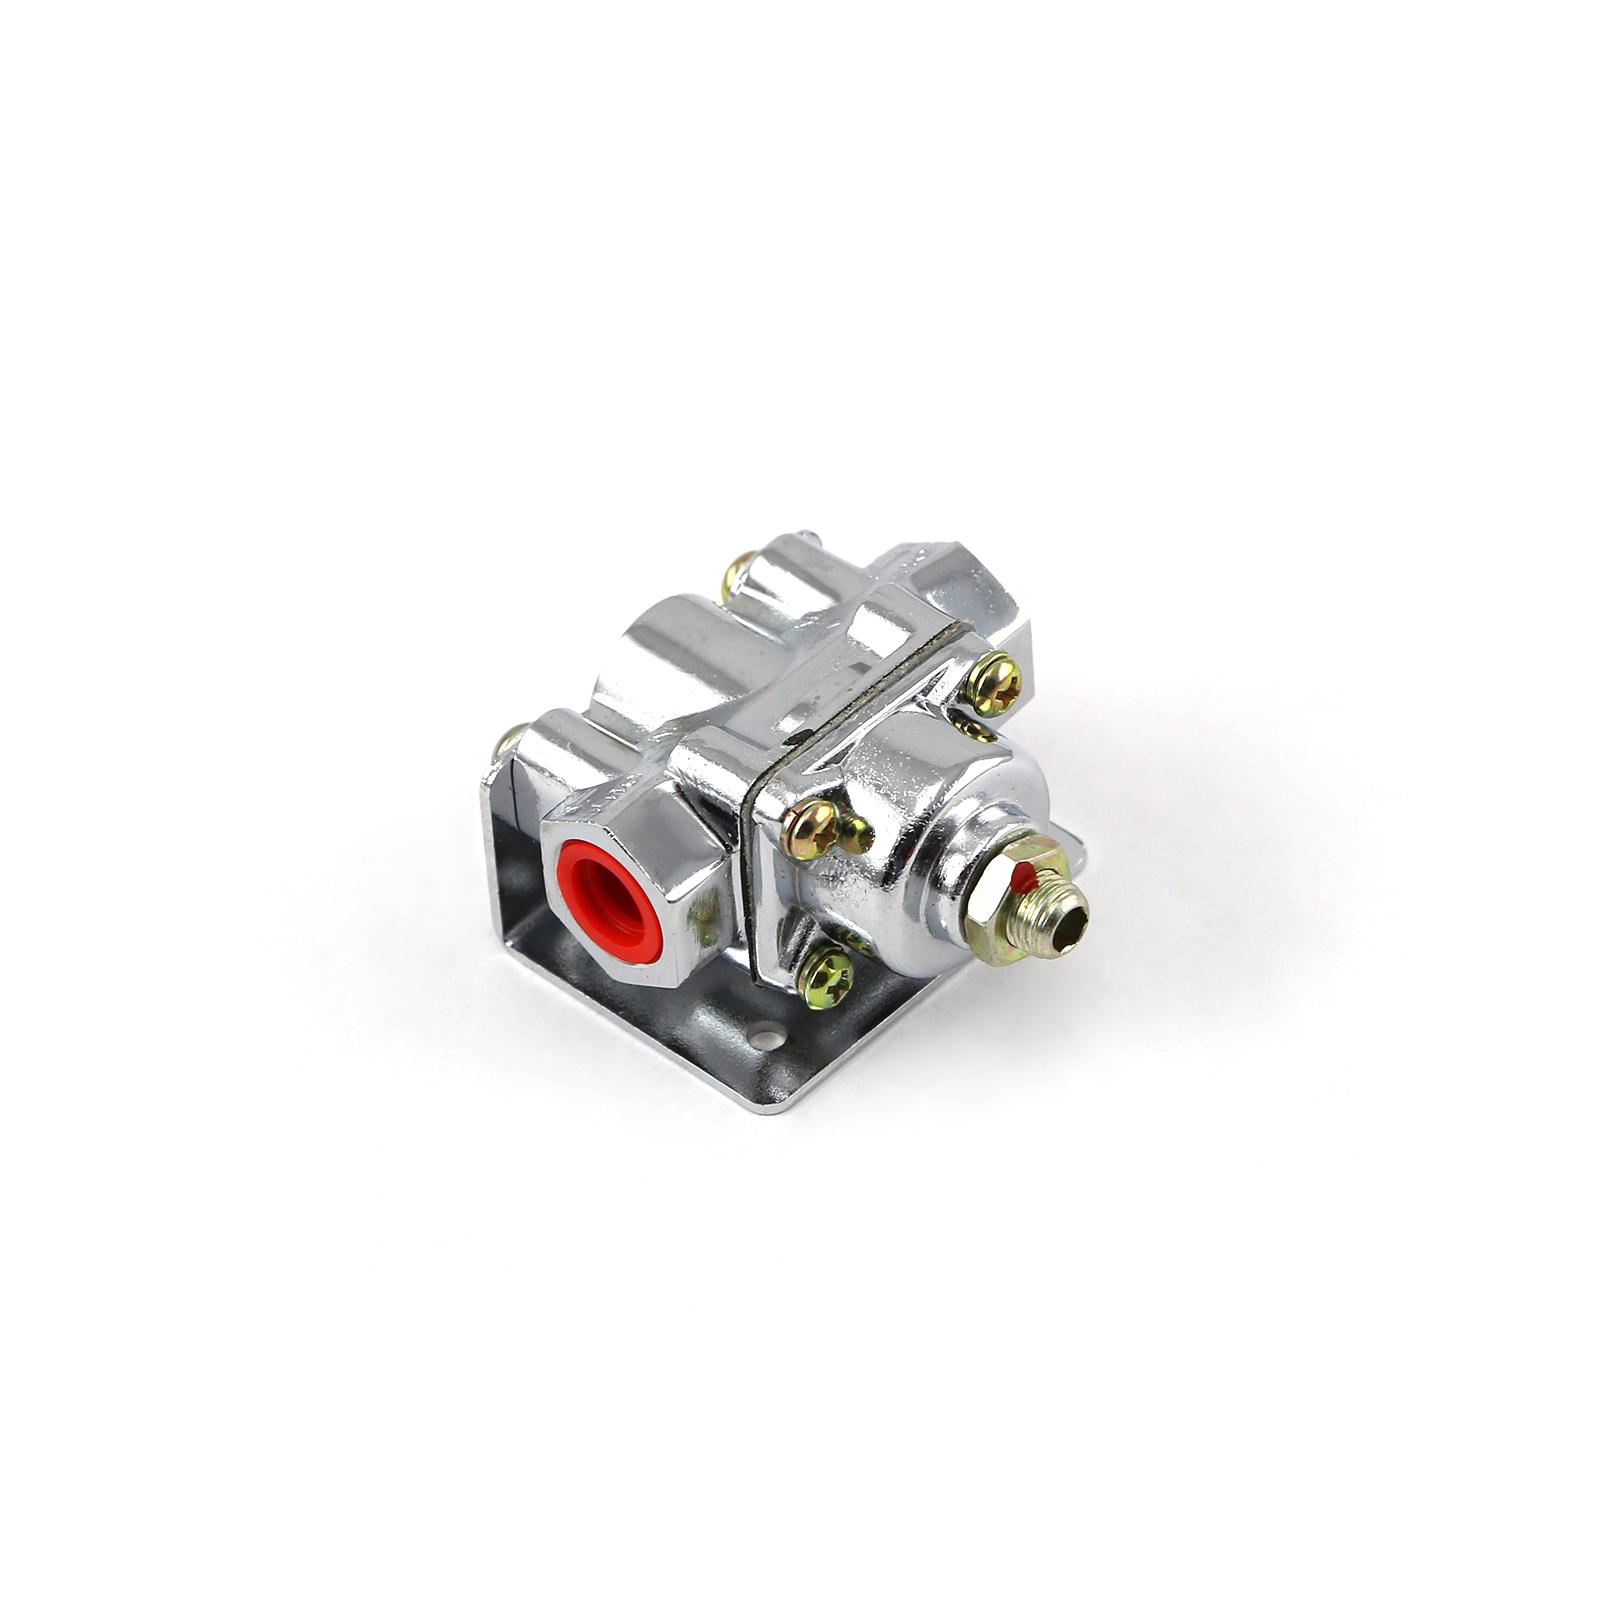 4-9 psi Adjustable Universal Deadhead Fuel Pressure Regulator Polished